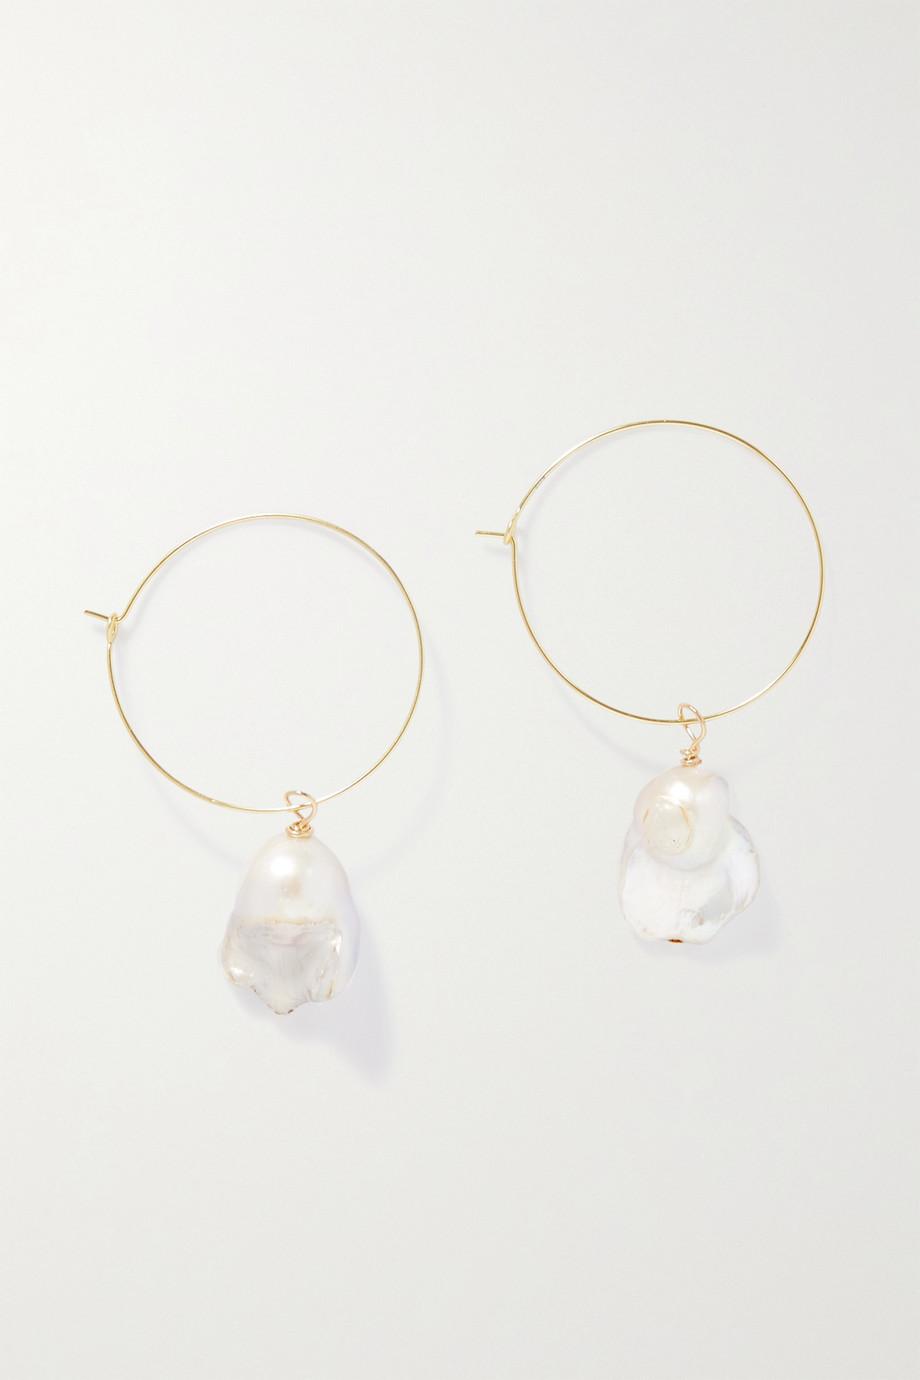 PEARL OCTOPUSS.Y Boucles d'oreilles en plaqué or et perles